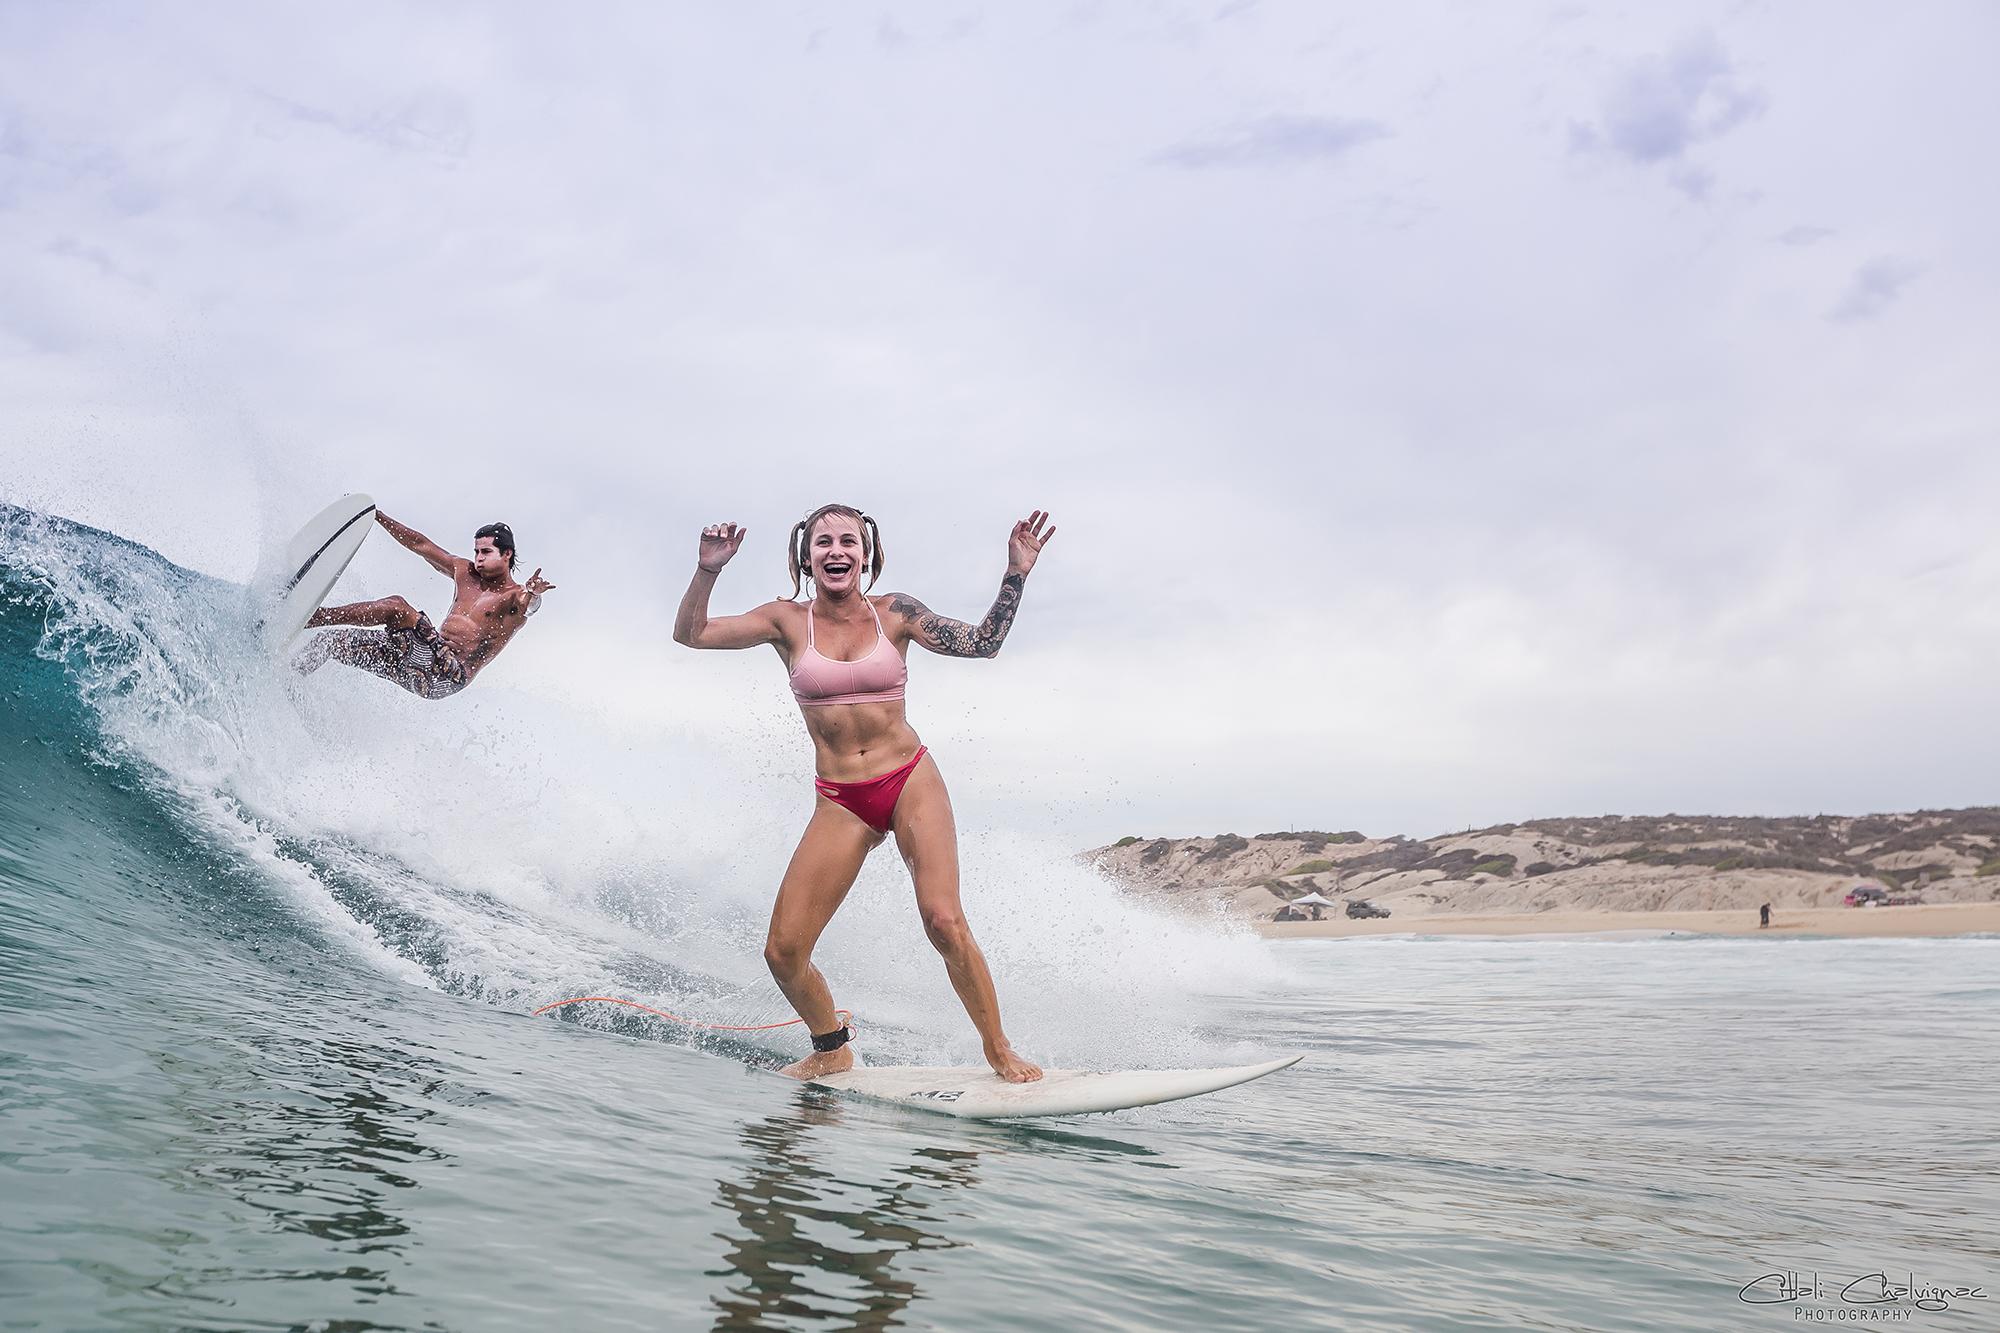 Galeria Surf imagen 7 Citlali Chalvignac